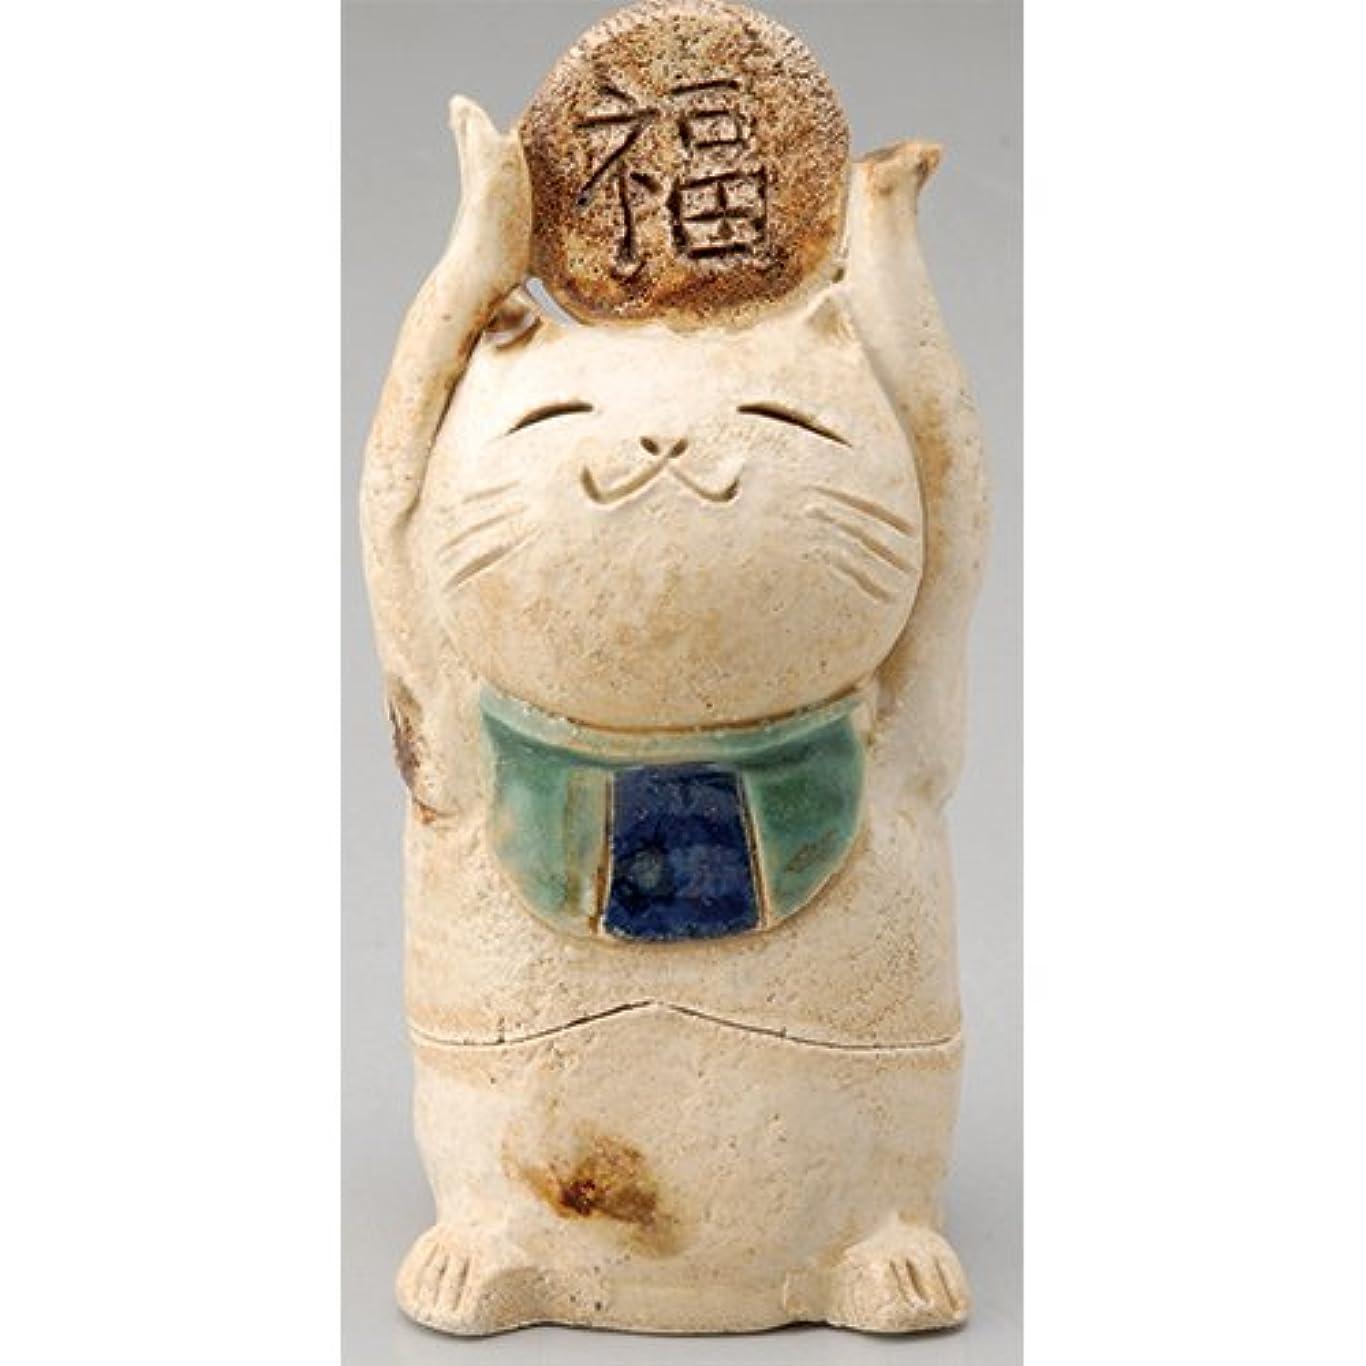 消防士フィルタ基本的な香炉 ごえん猫 香炉(福) [H10cm] HANDMADE プレゼント ギフト 和食器 かわいい インテリア